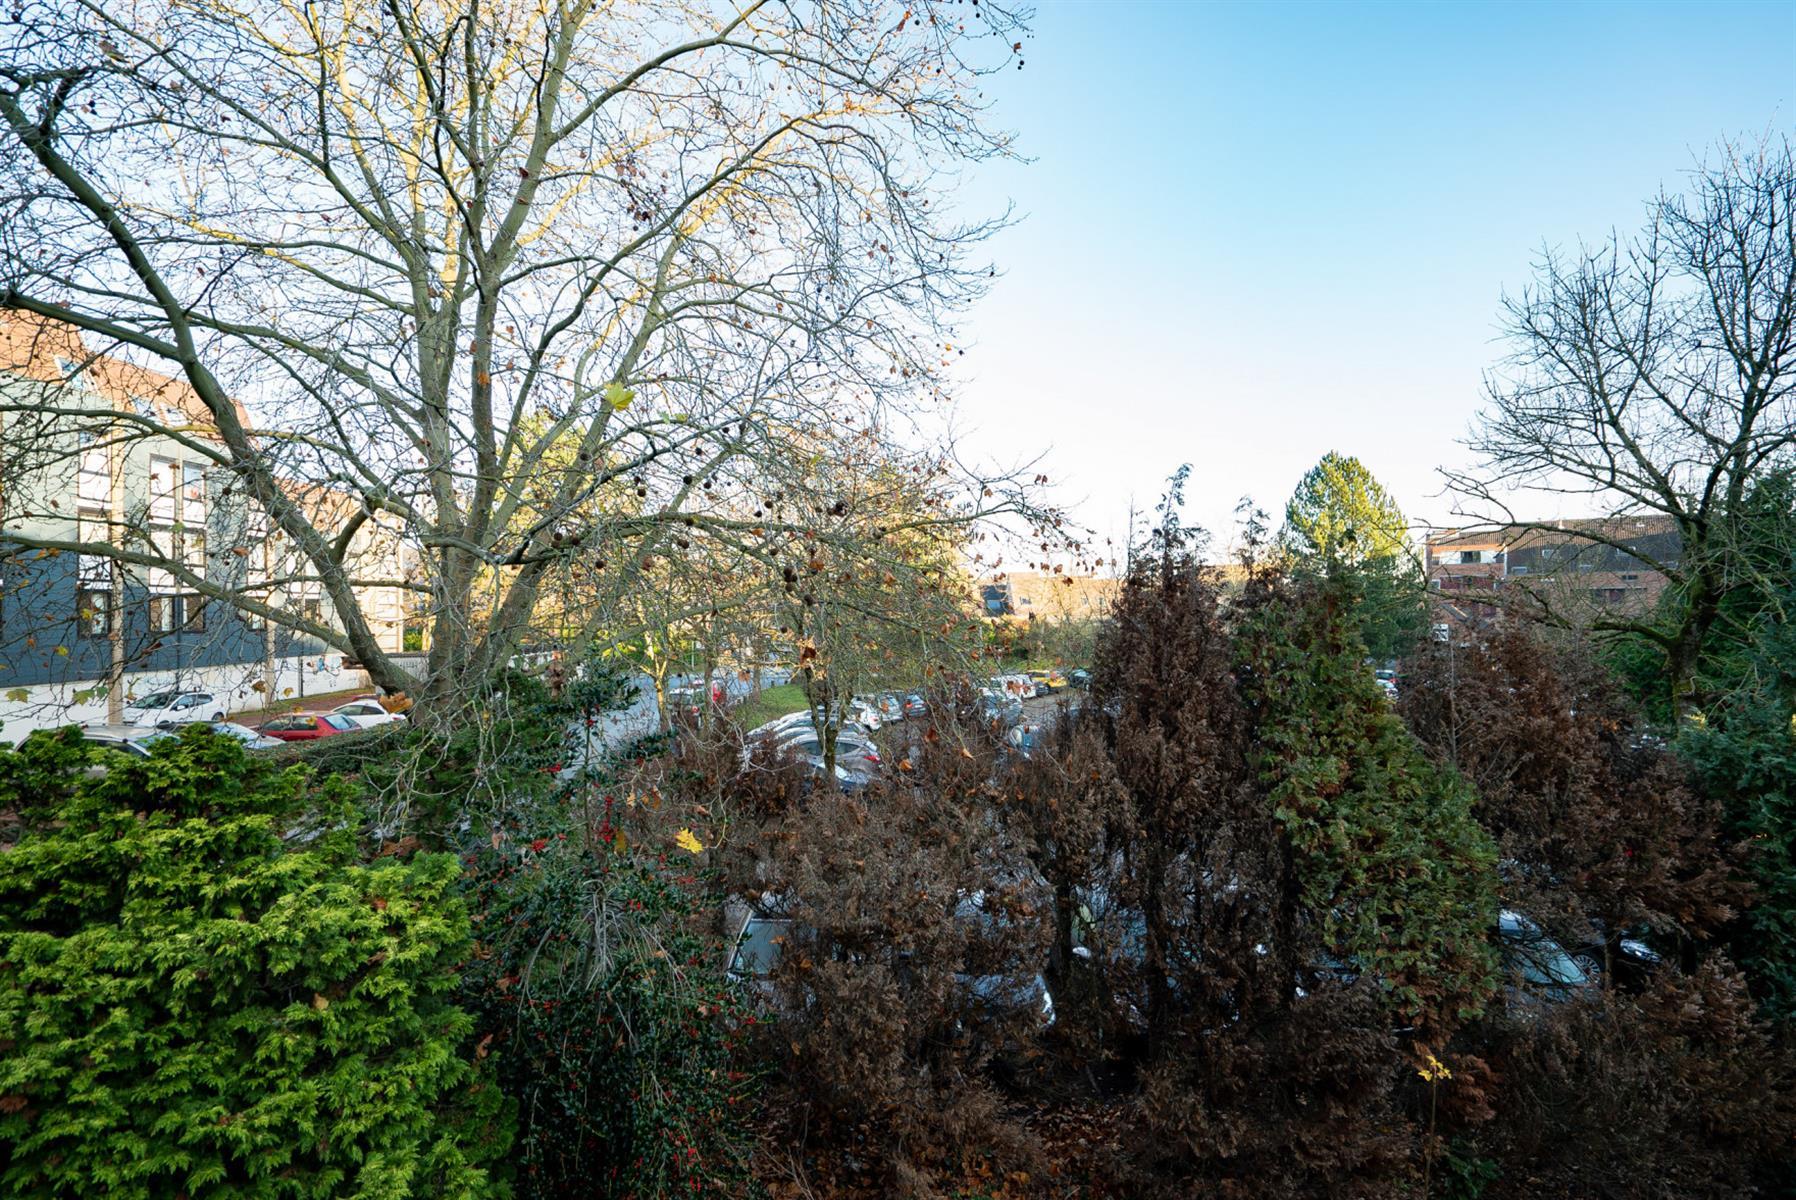 Appartement - Ottignies-Louvain-la-Neuve Louvain-la-Neuve - #4208592-8